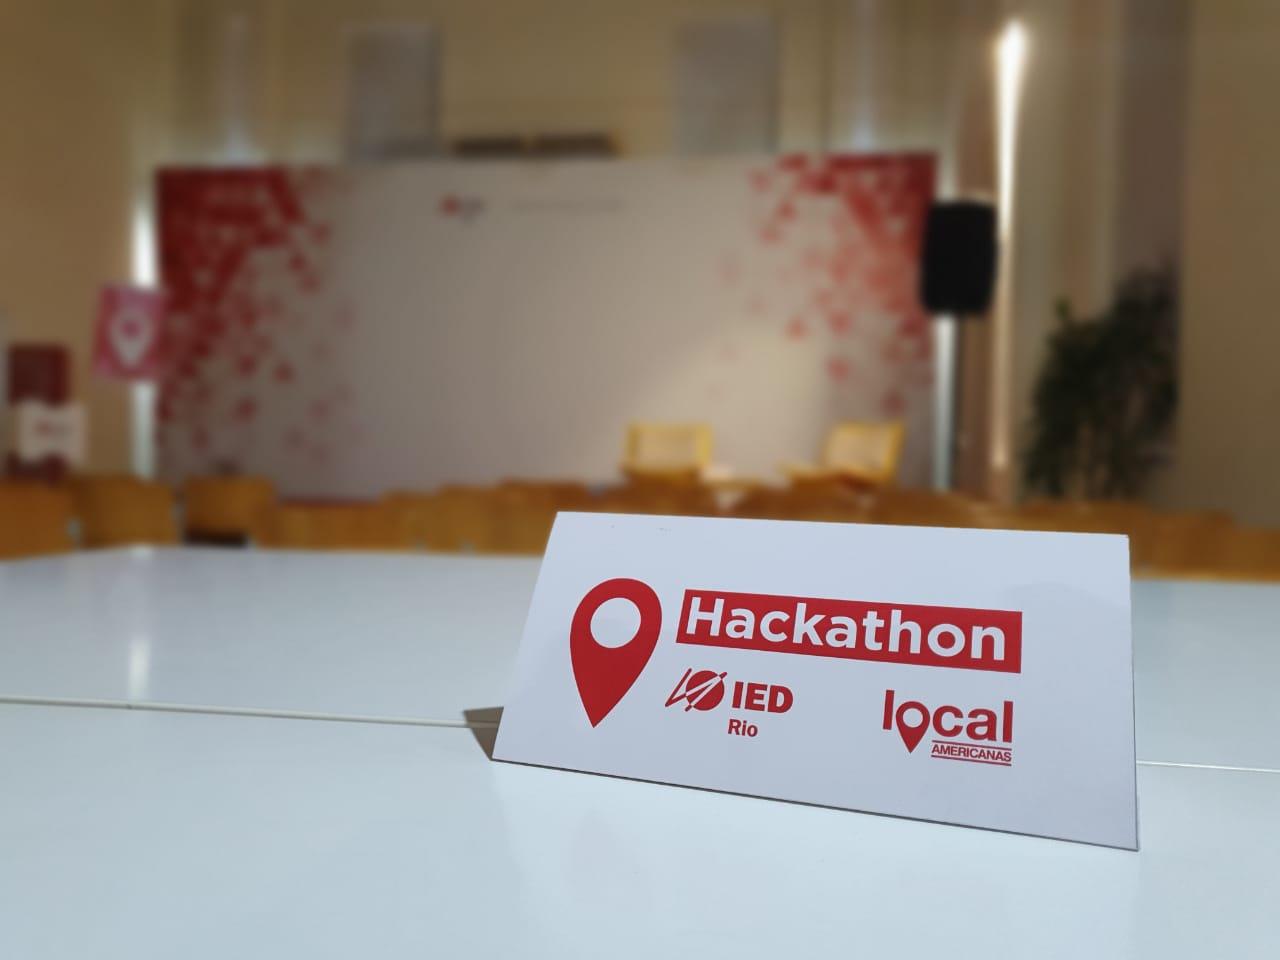 Lojas Americanas promoveu hackathon de design